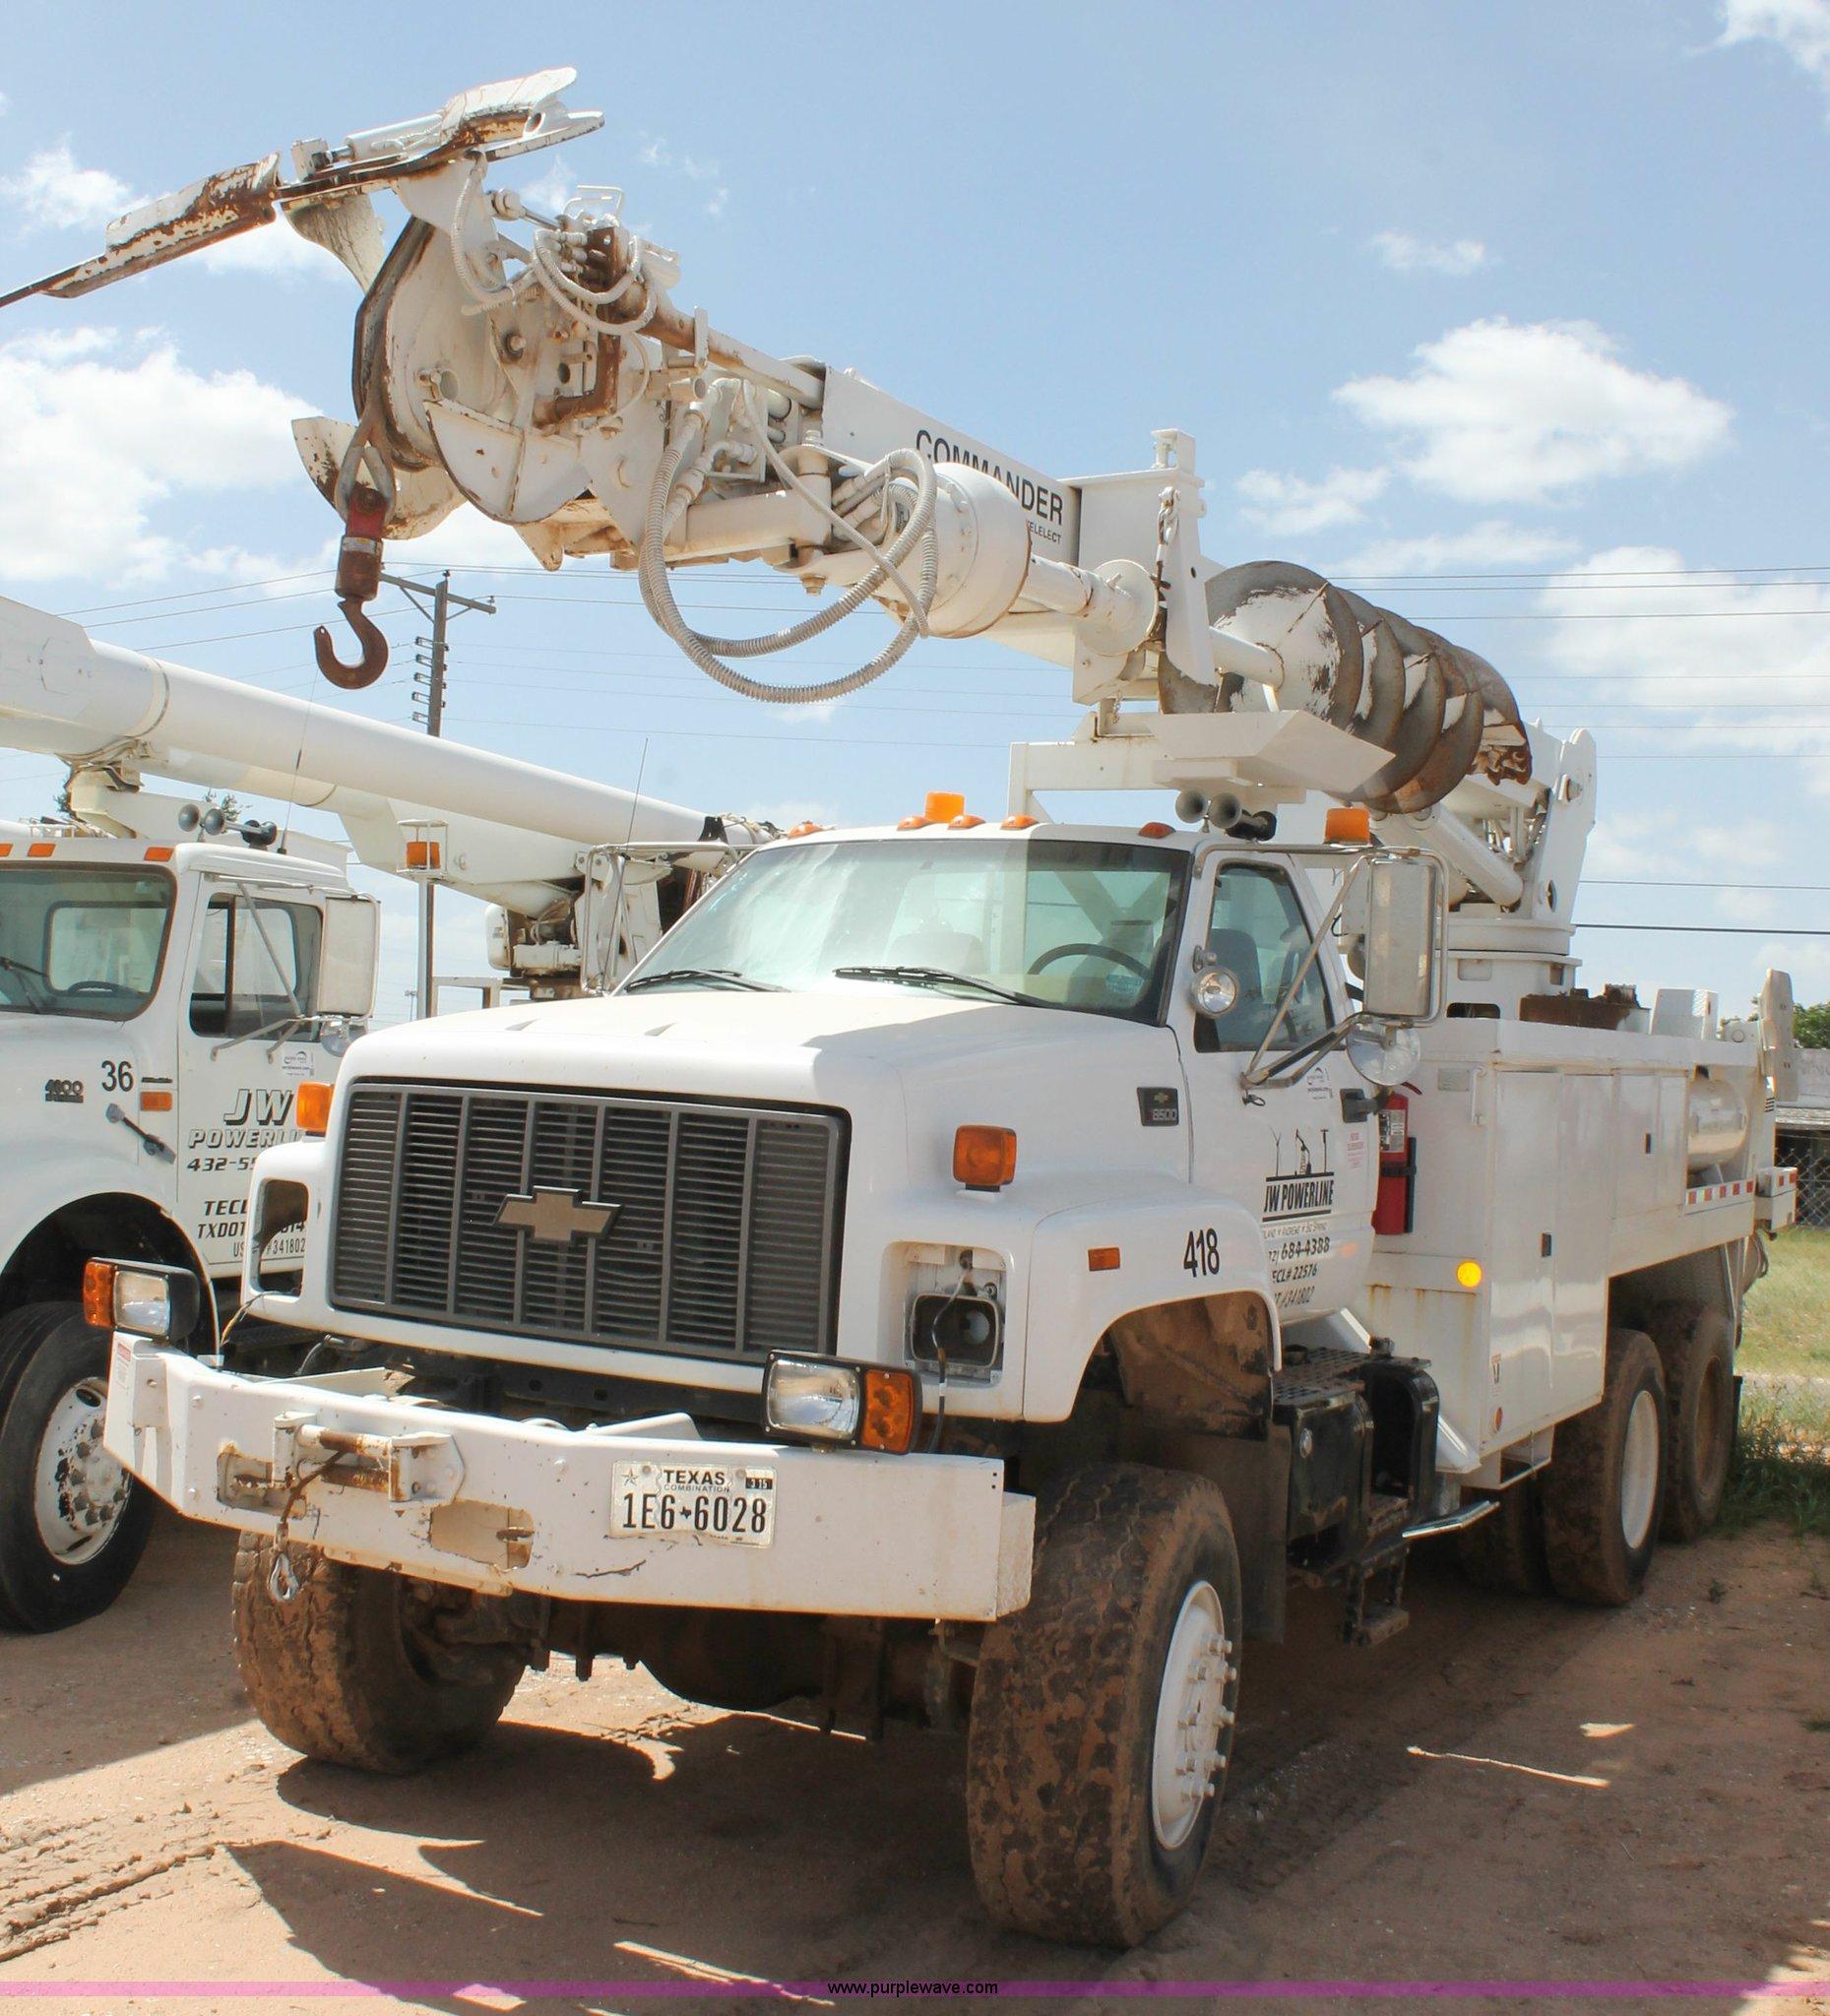 2000 chevrolet c8500 digger derrick truck item l4264 sol rh purplewave com